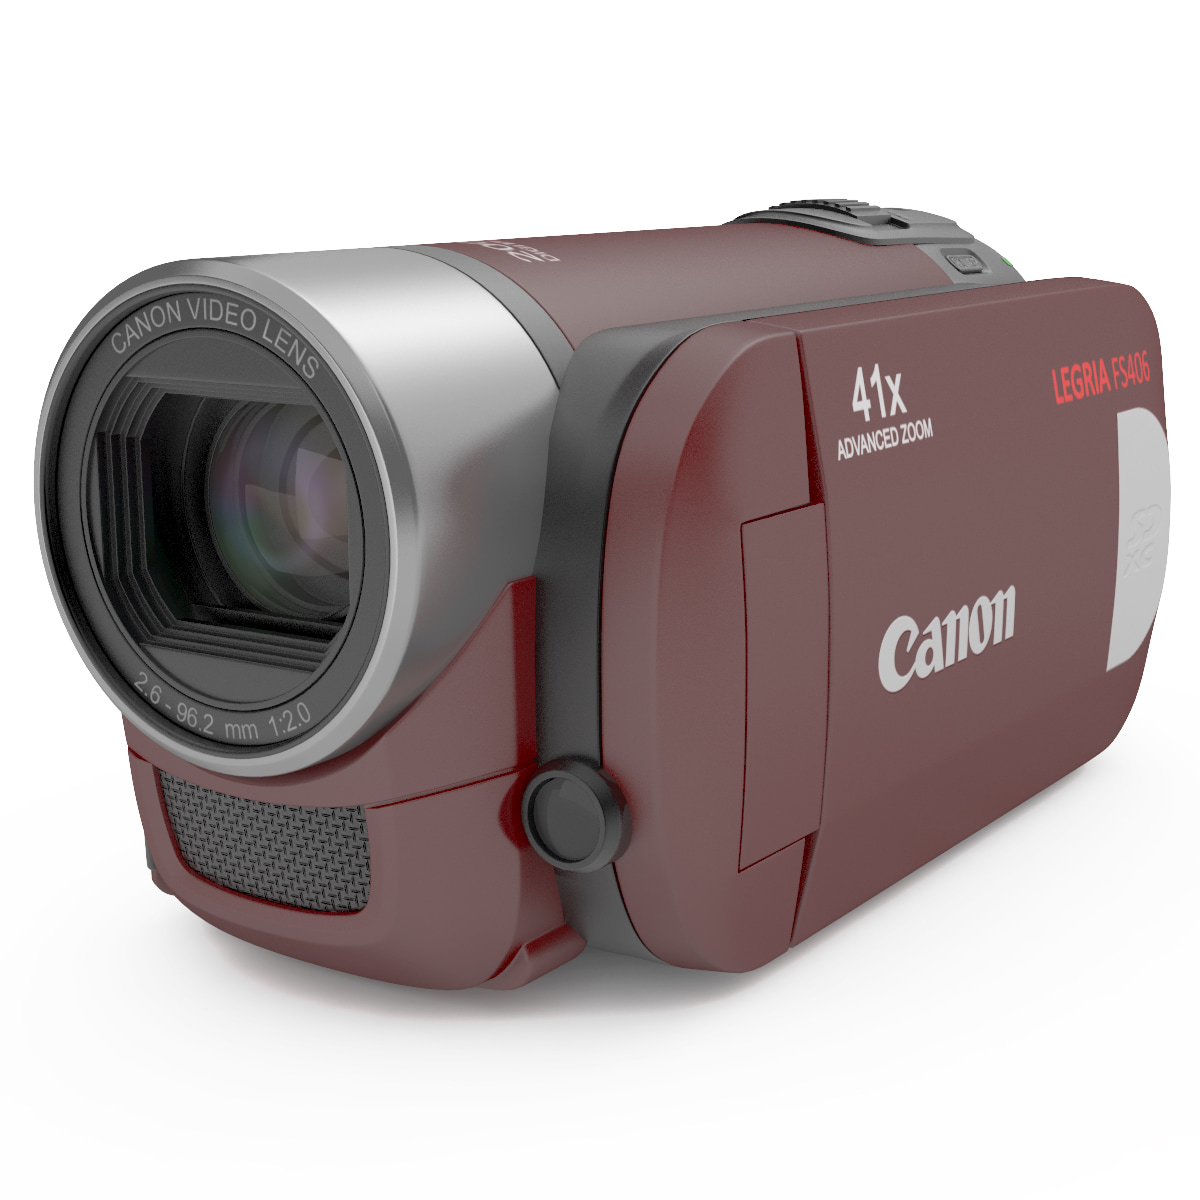 Canon_Legria_FS_406_Red_00.jpg